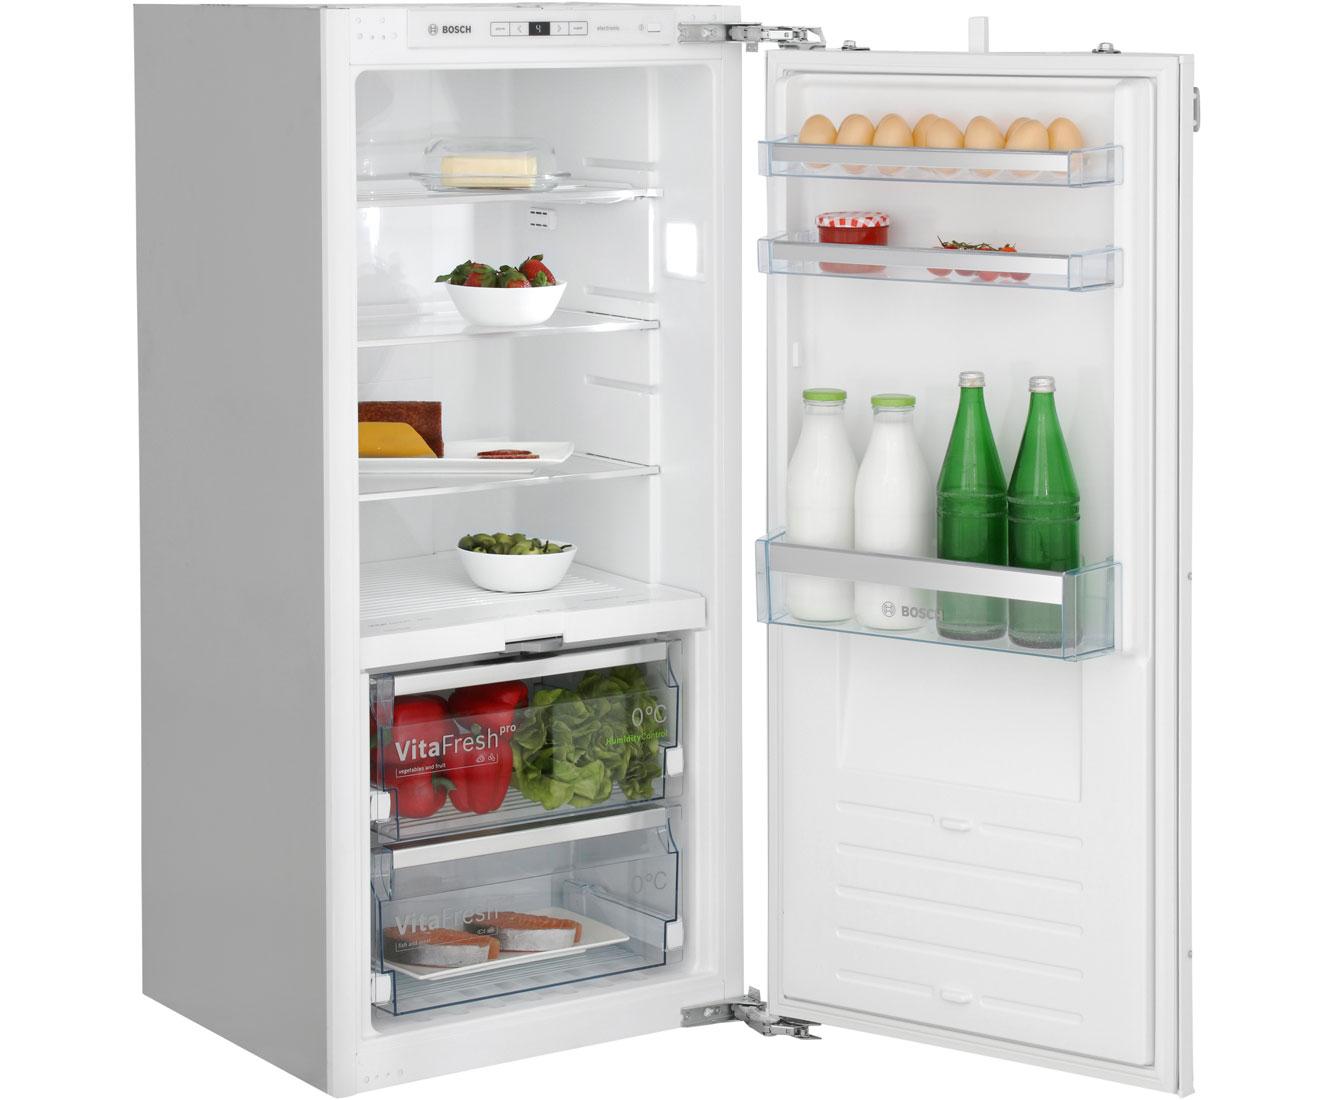 Mini Kühlschrank Bosch : Bosch ksv vw standkühlschrank test Übersicht erfahrungen und